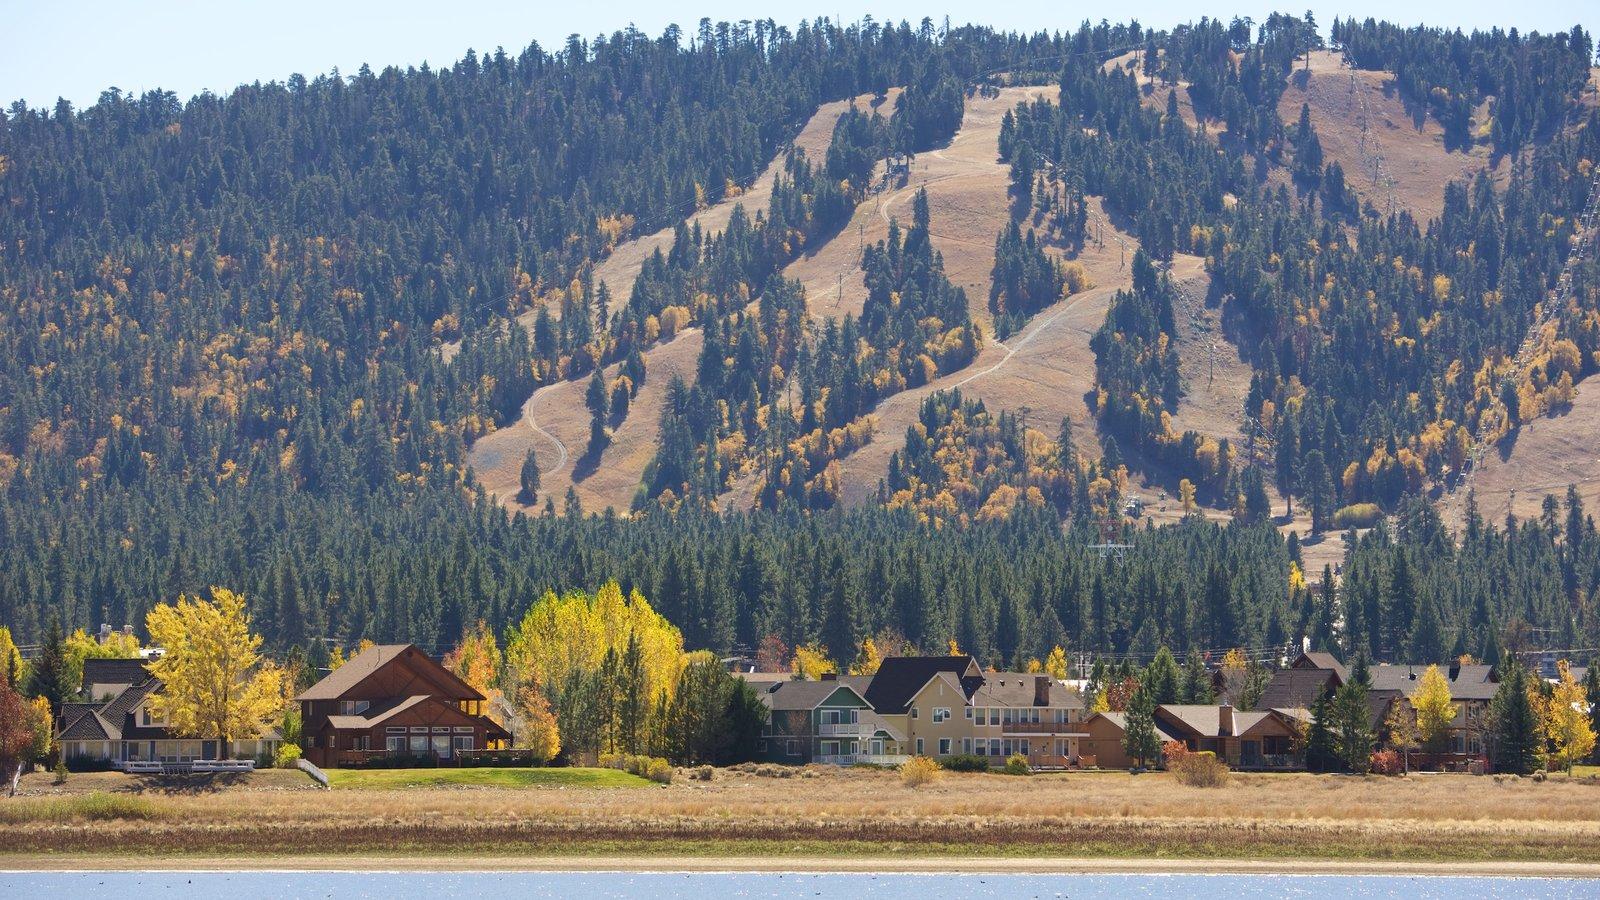 Big Bear Lake que inclui um rio ou córrego, uma cidade pequena ou vila e cenas tranquilas